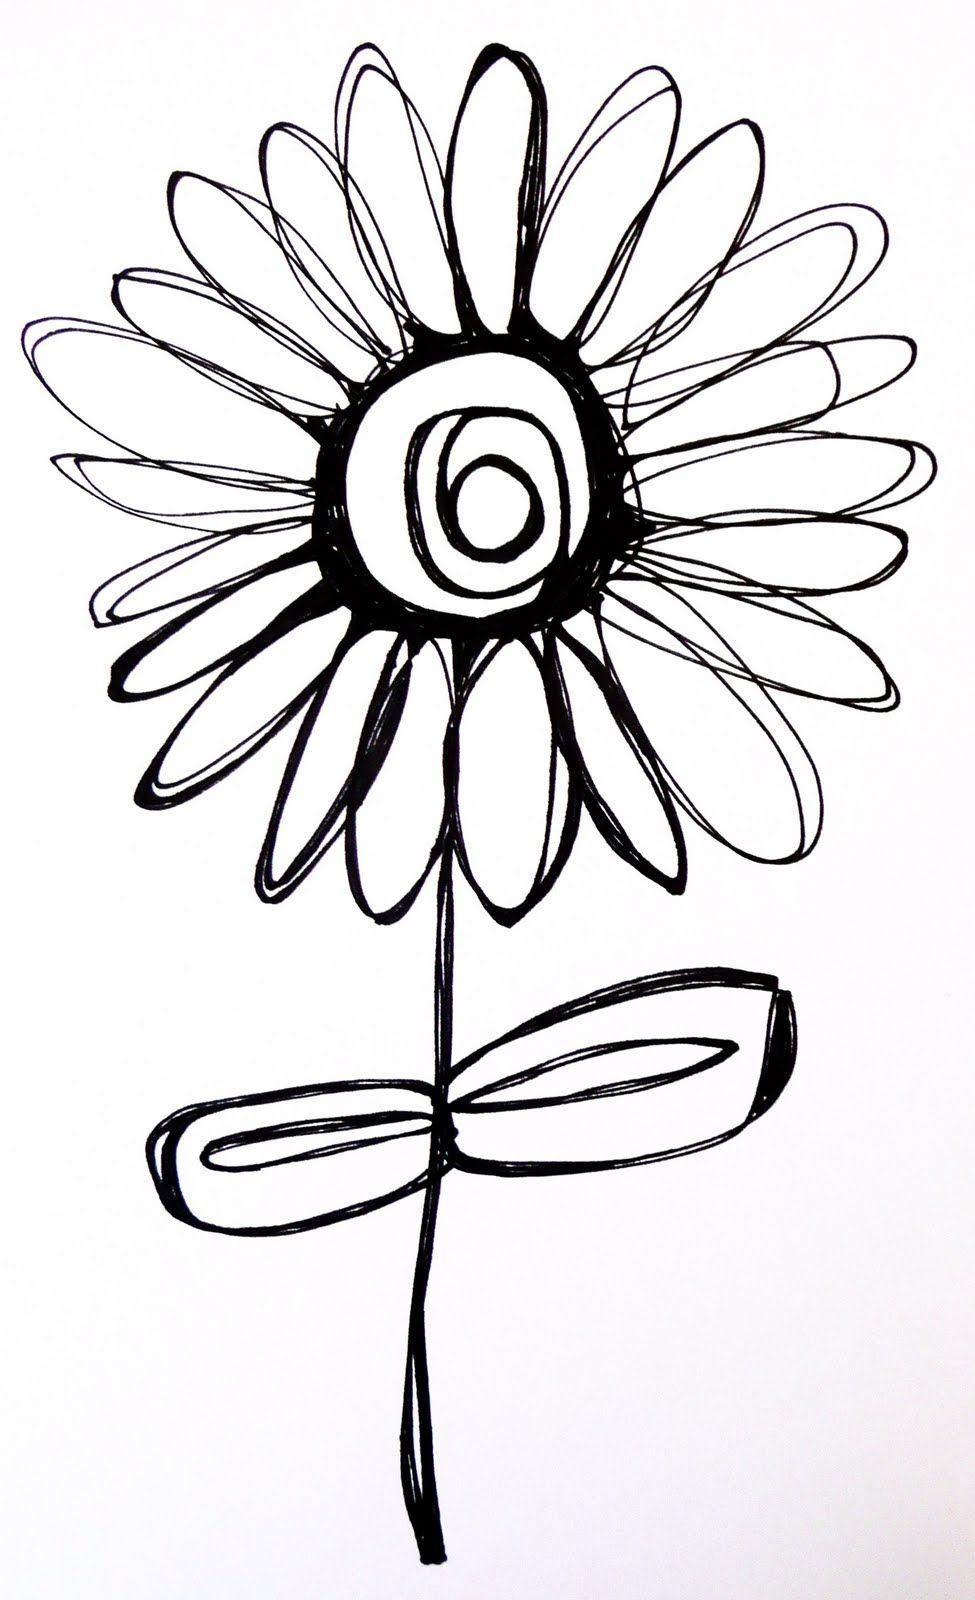 975x1600 doodles continued kids' craftsscience activities doodles